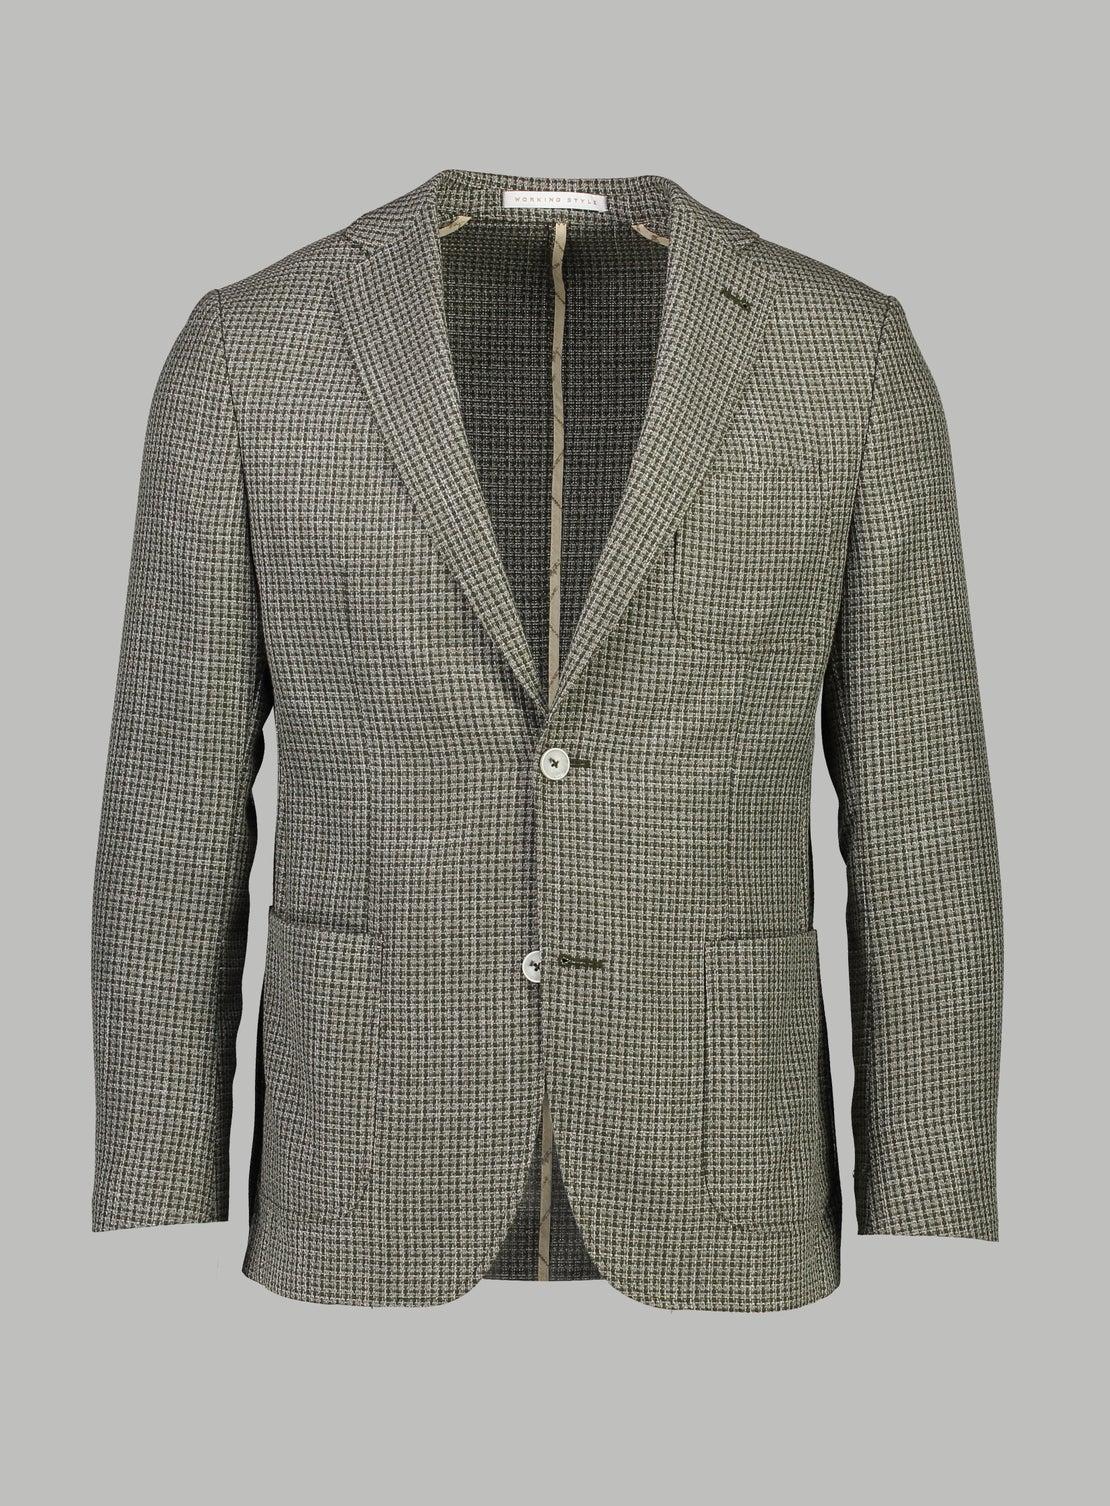 Josef Khaki Textured Jacket